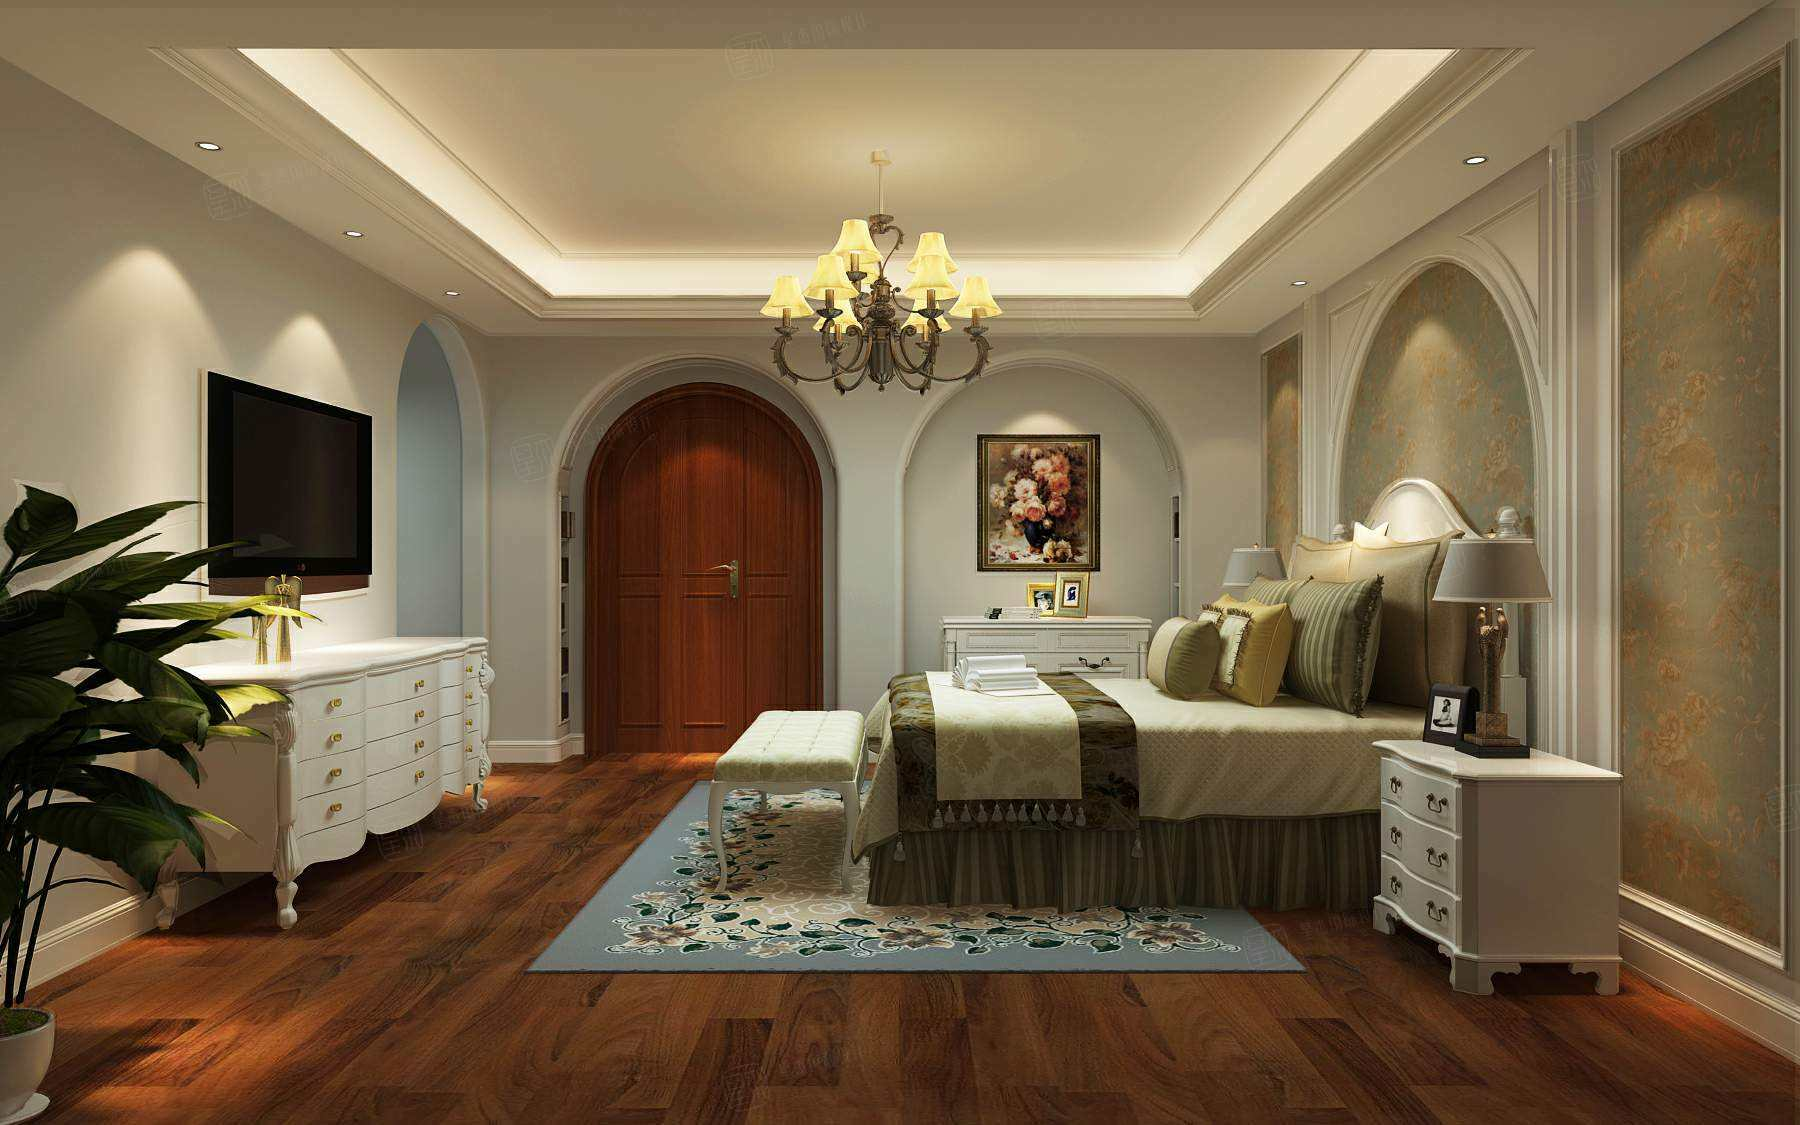 南郊中华园 美式装修卧室效果图